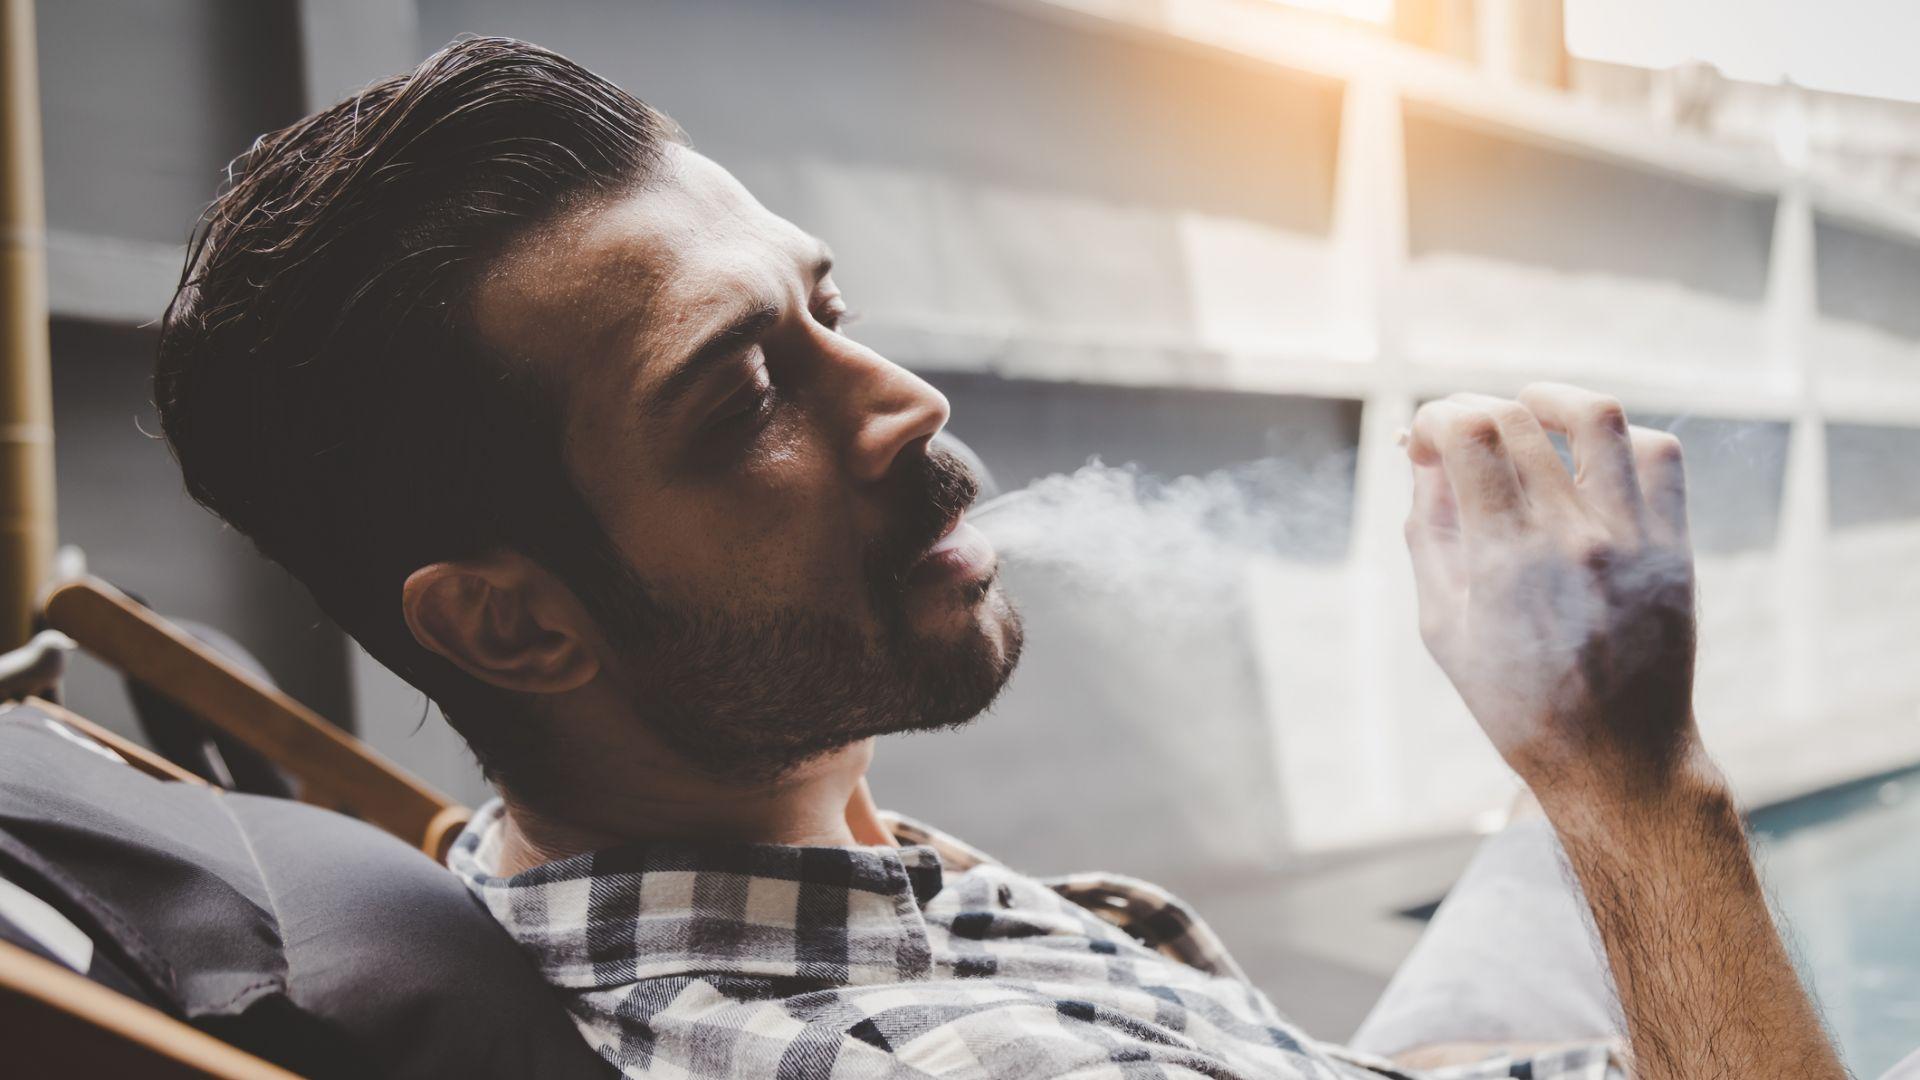 Пушенето на повече от пет цигари дневно увеличава с 20 на сто риска от онкологично заболяване